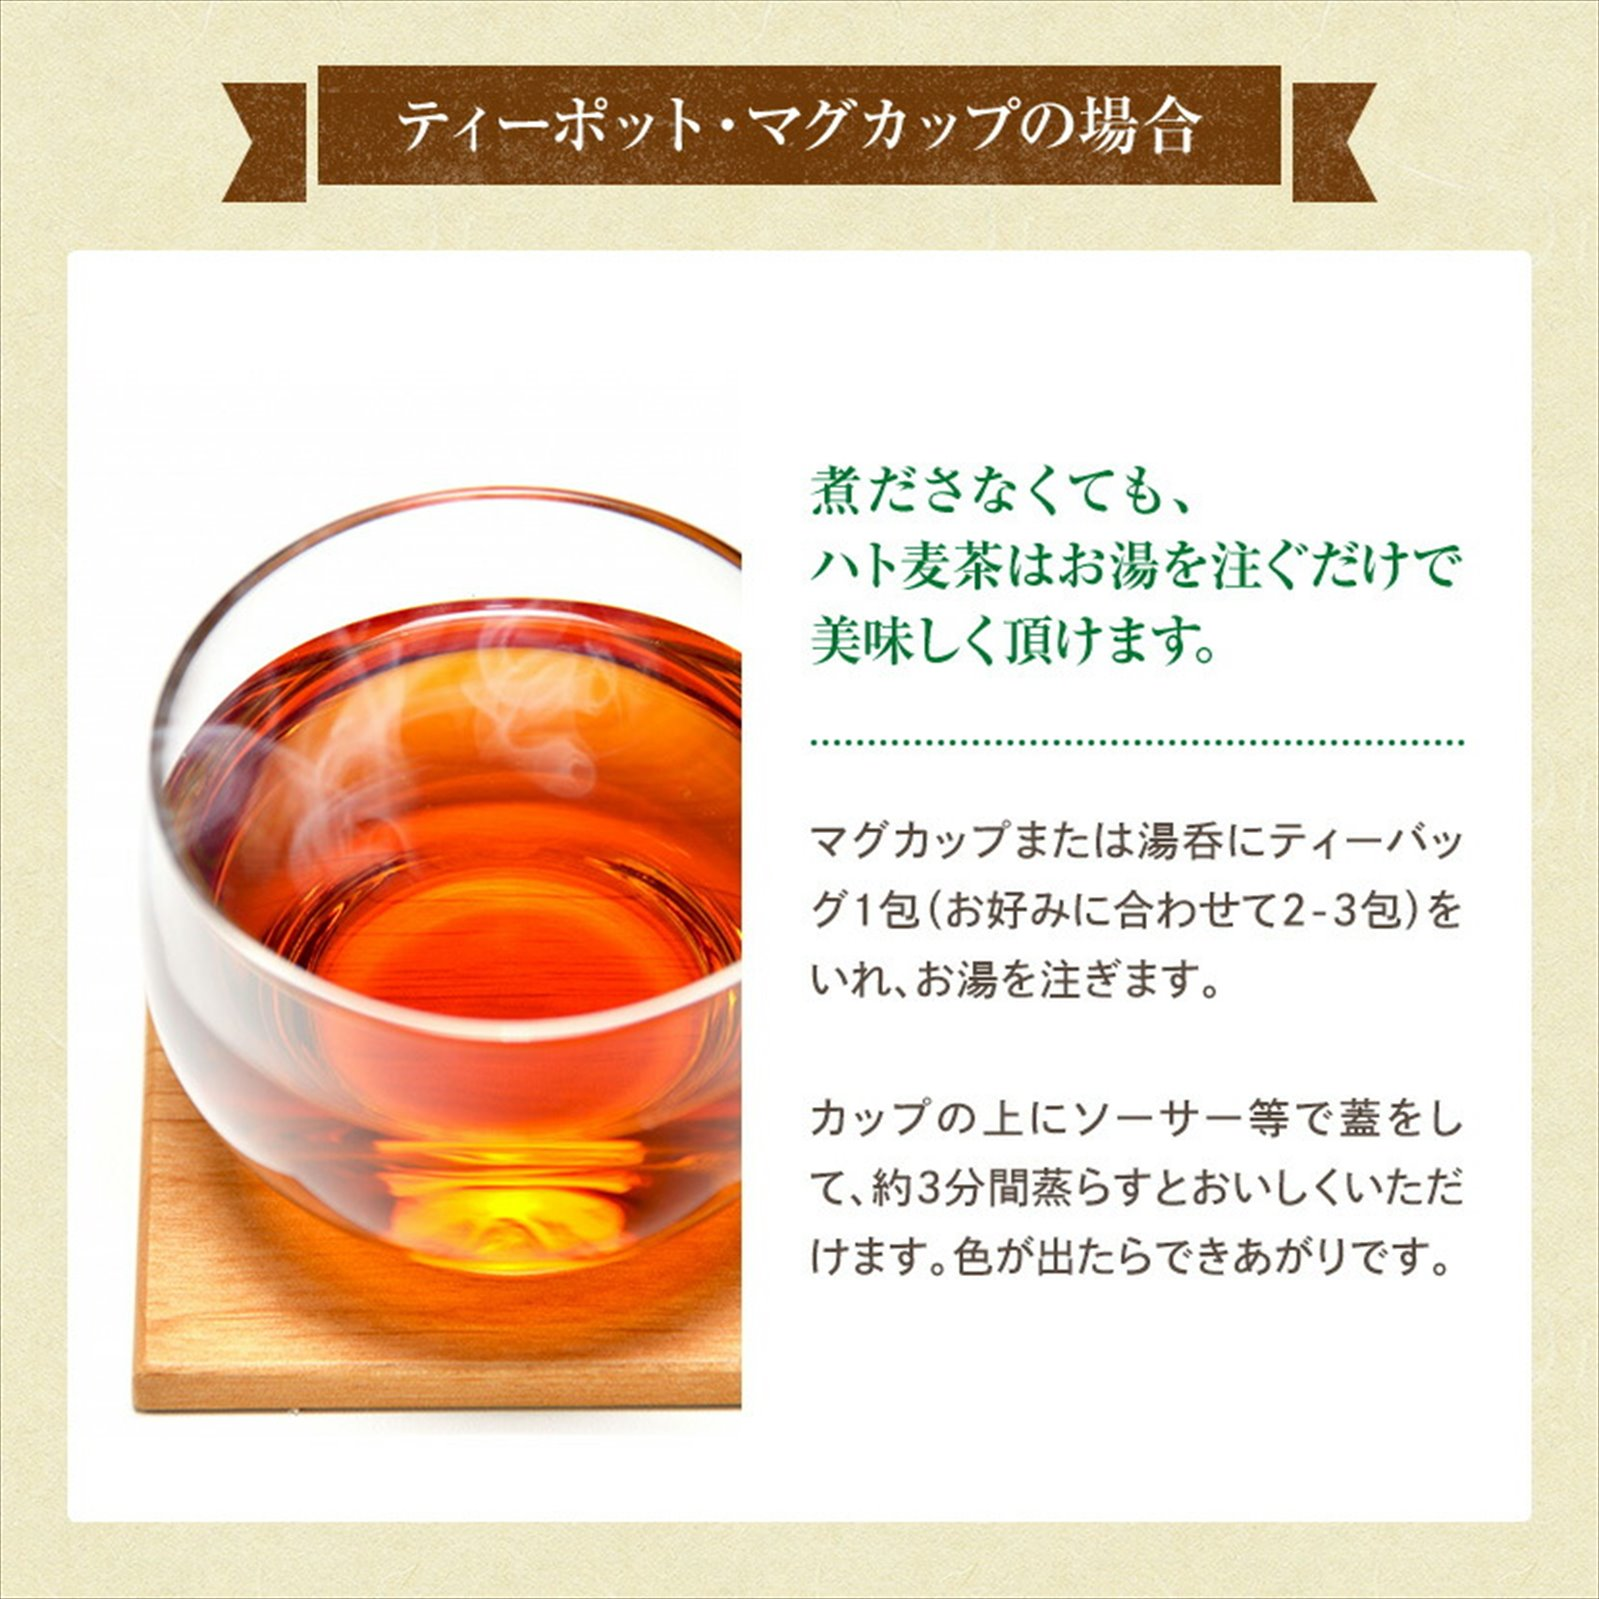 国産はと麦茶 ティーバッグ200g(2.5g×80包)!送料無料!つるスベを続けよう! 国産ハト麦茶 【はと麦/はとむぎ茶/ハトムギ茶】 お取り寄せ お取り寄せグルメ